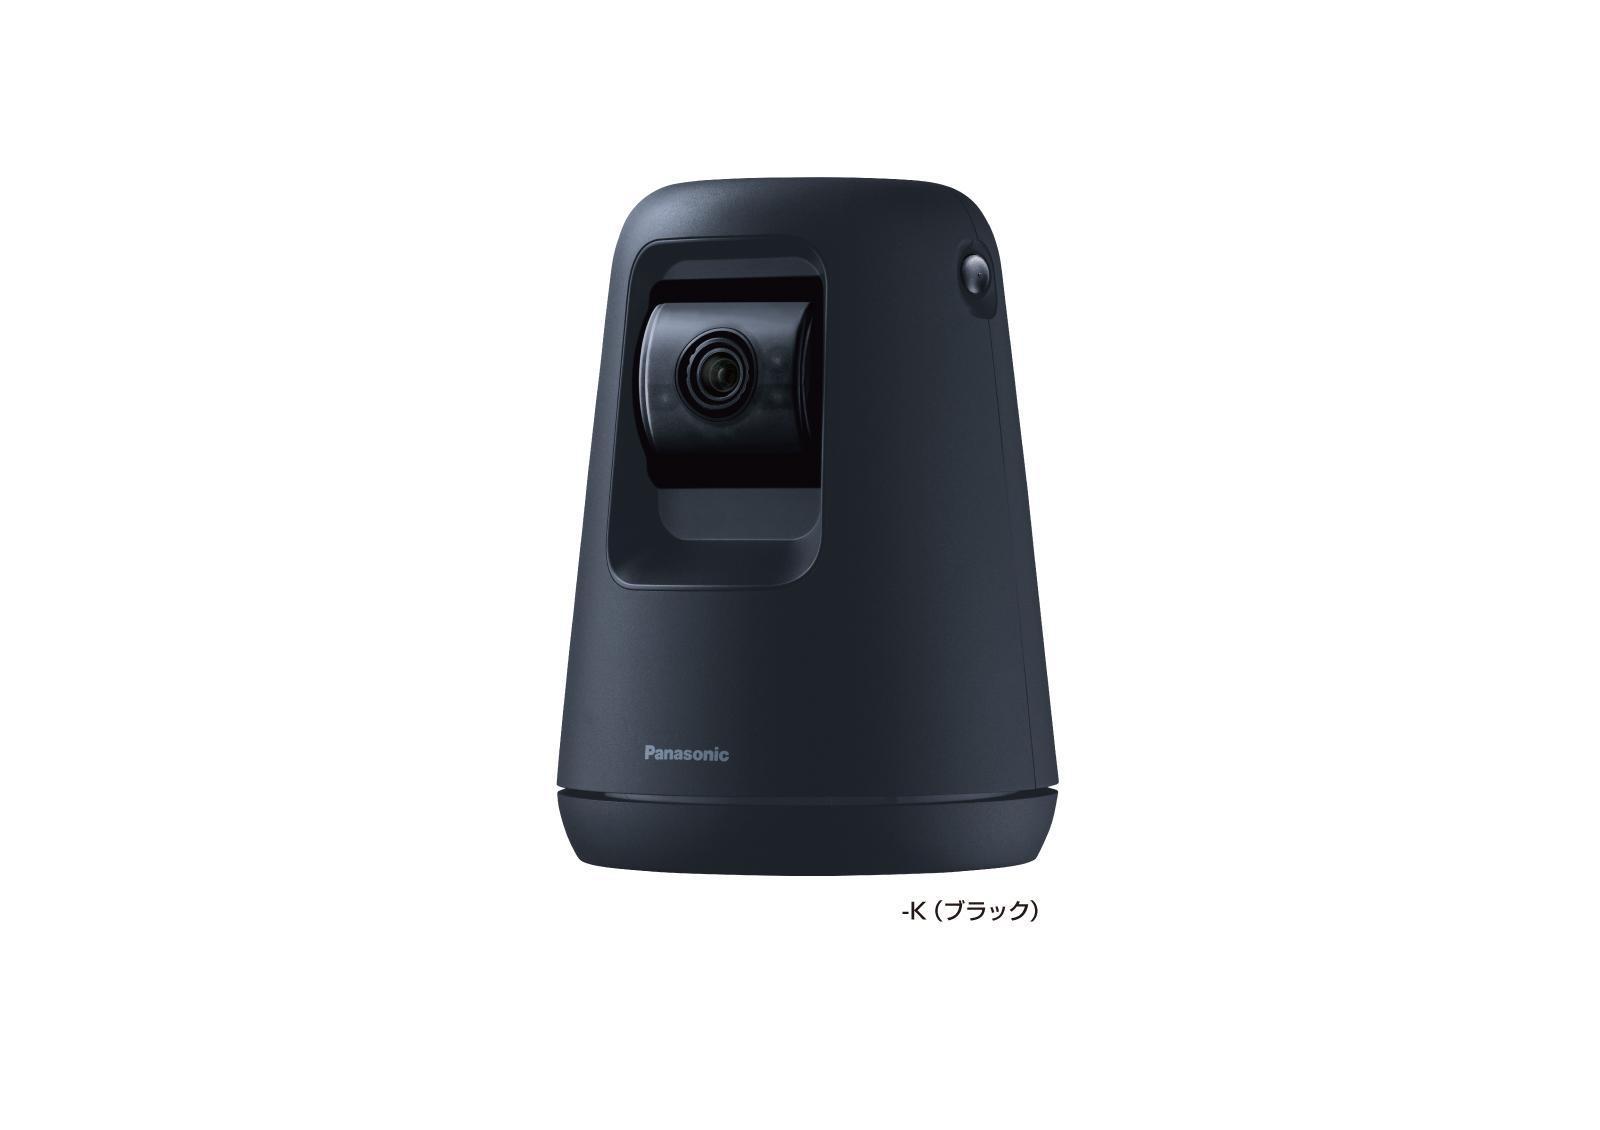 パナソニック、動画機能を向上したペットカメラ発売